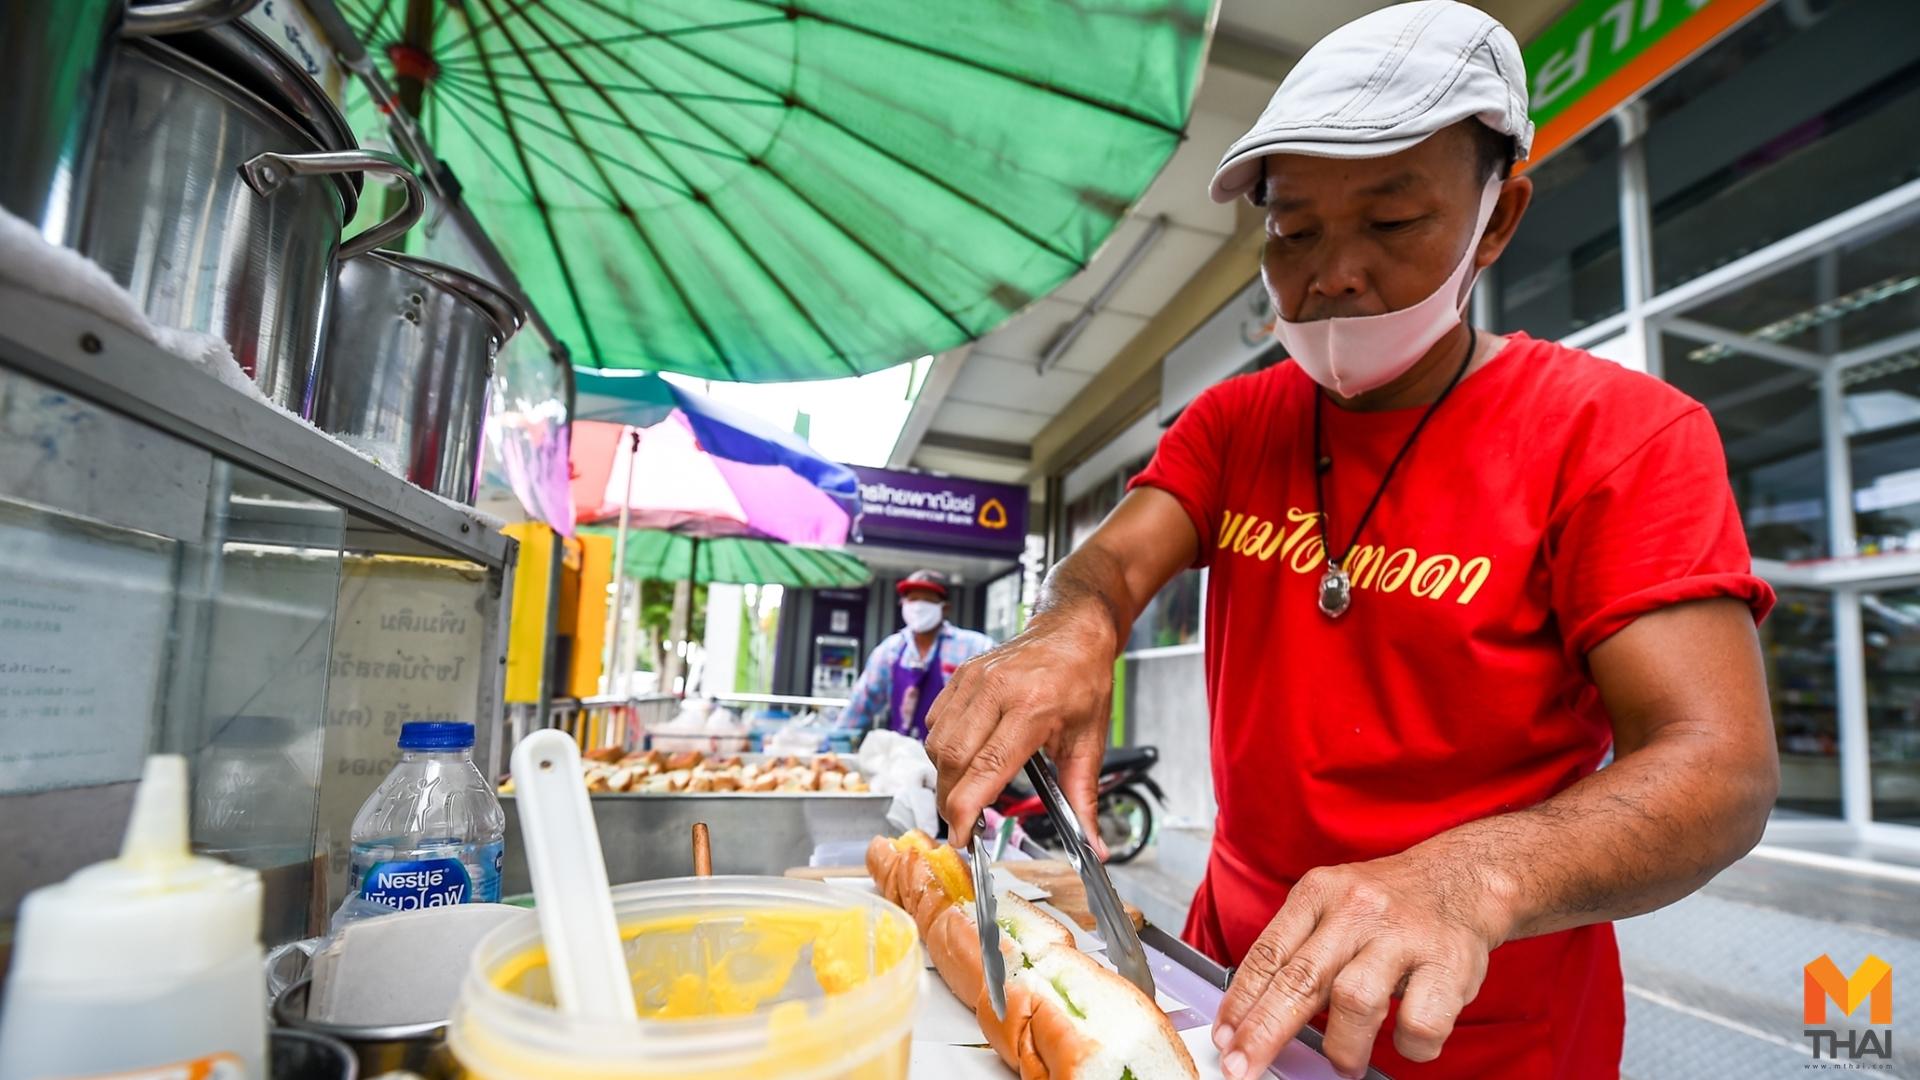 พี่สมชายขนมปังเทวดา ร้านขนมปังเทวดา